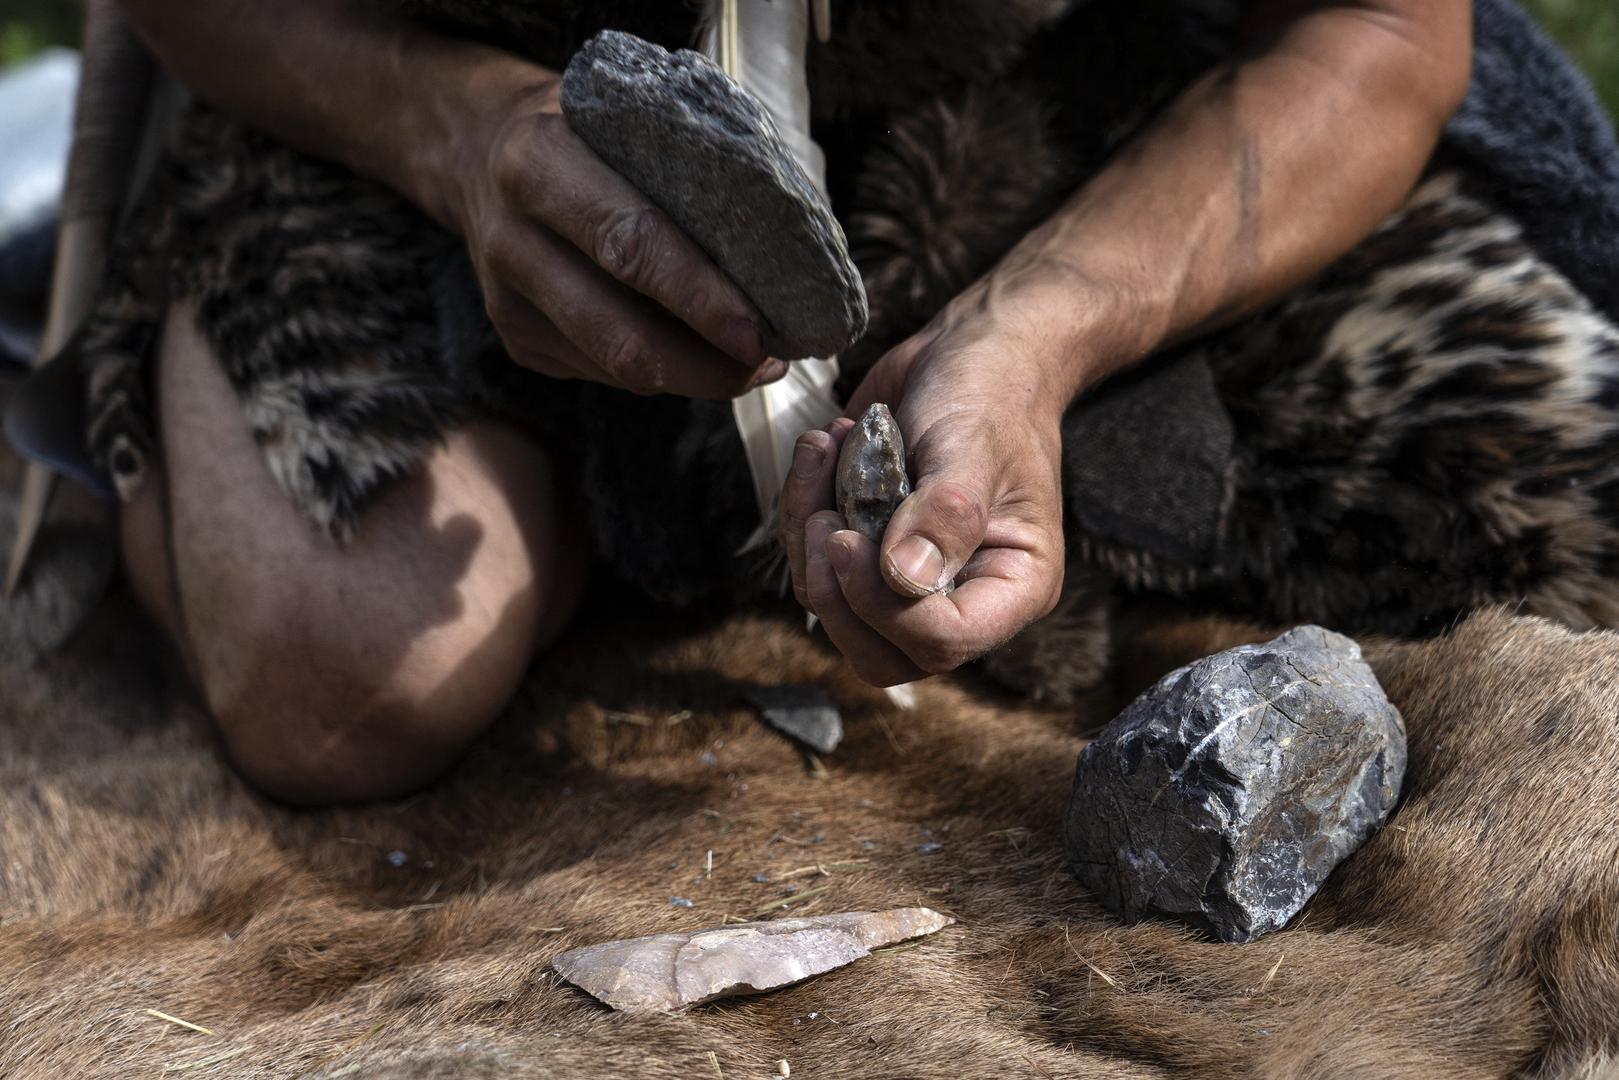 اكتشاف أقدم قطعة أثرية لإنسان نياندرتال في ألمانيا